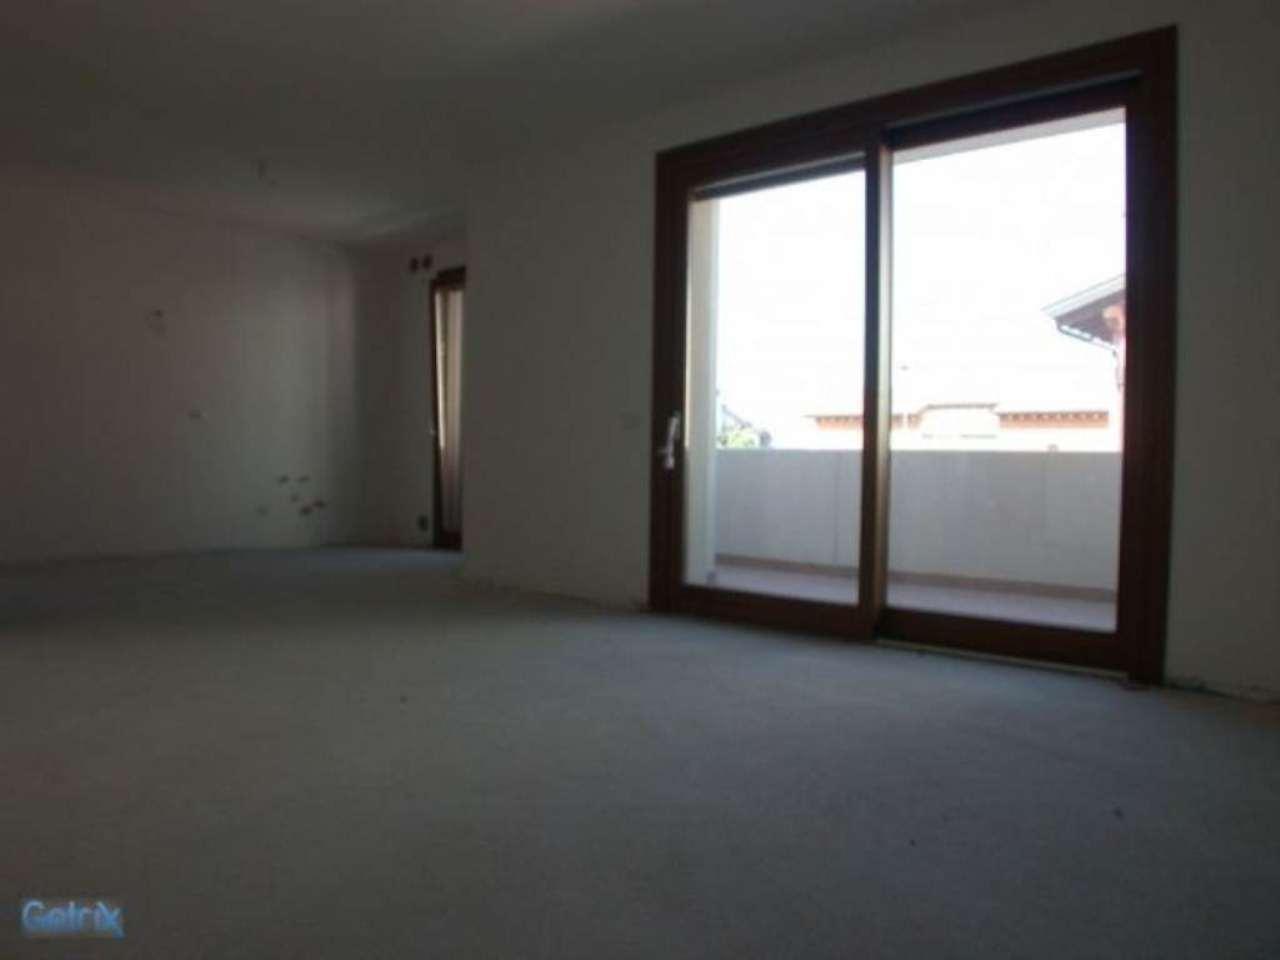 Appartamento in vendita a Monastier di Treviso, 4 locali, prezzo € 200.000 | Cambio Casa.it